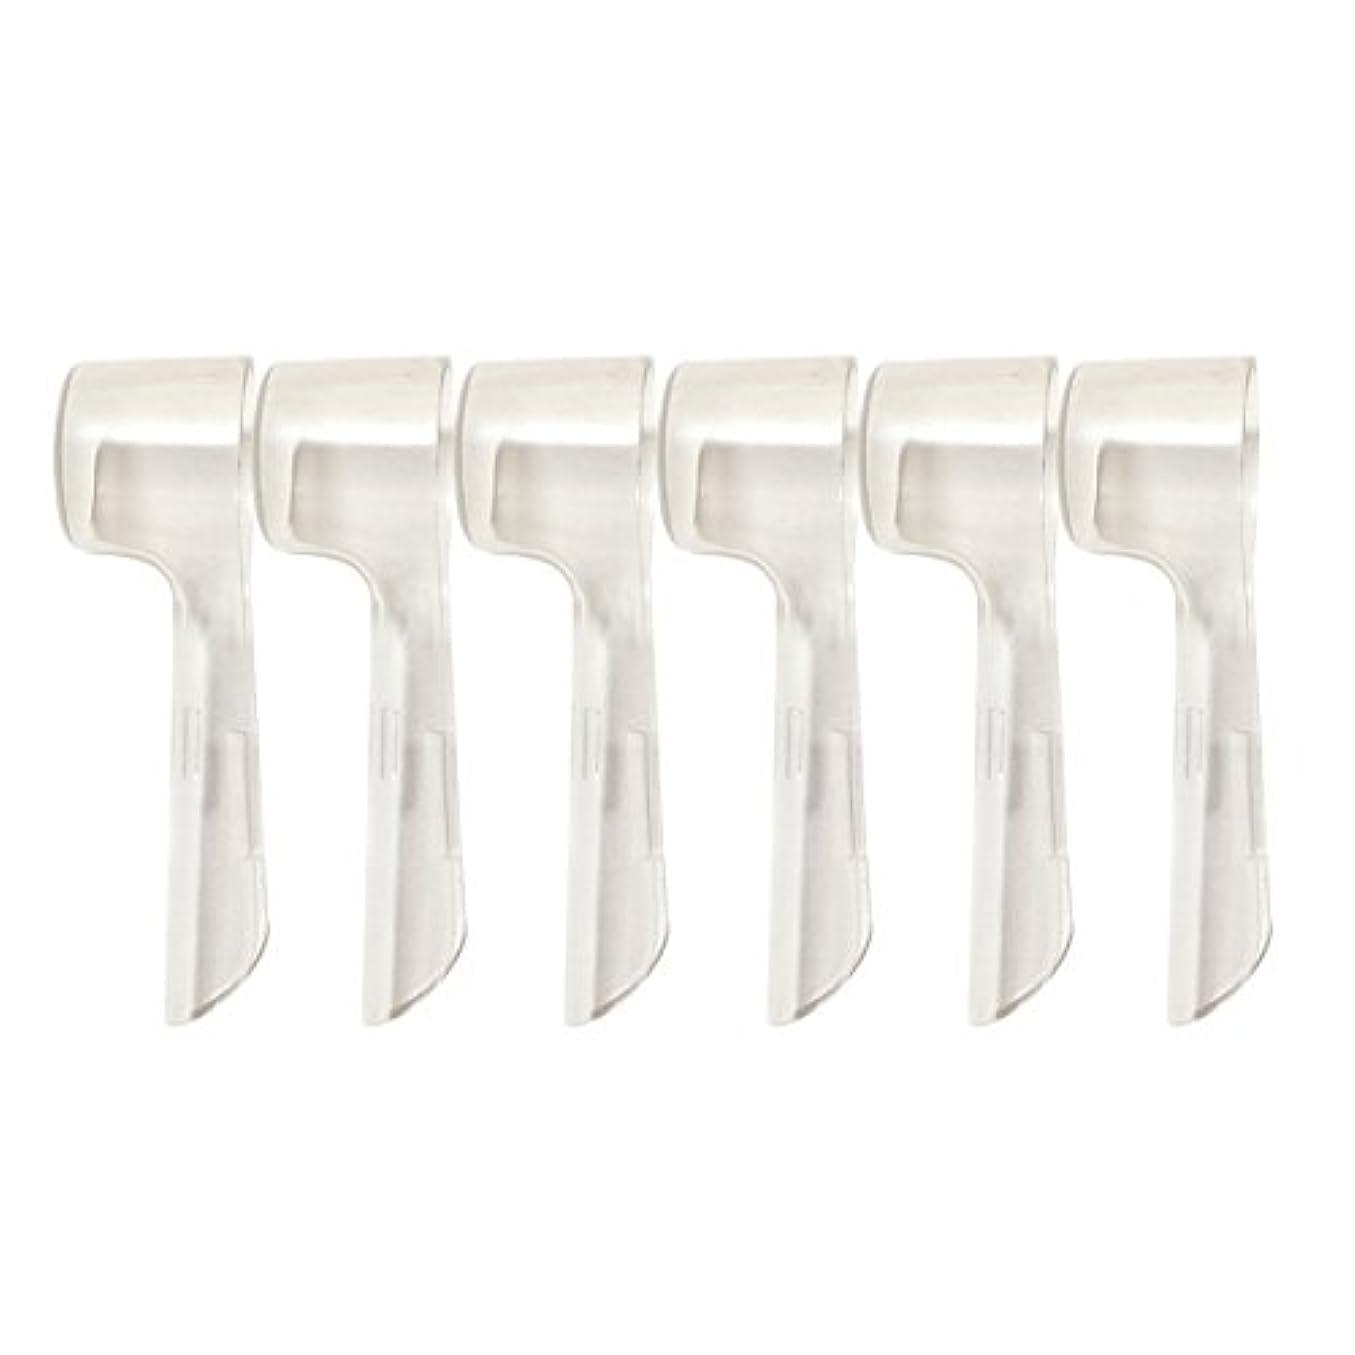 見かけ上覚えている不機嫌SUPVOX 旅行のために便利な電動歯ブラシのための6本の歯ブラシヘッドカバー